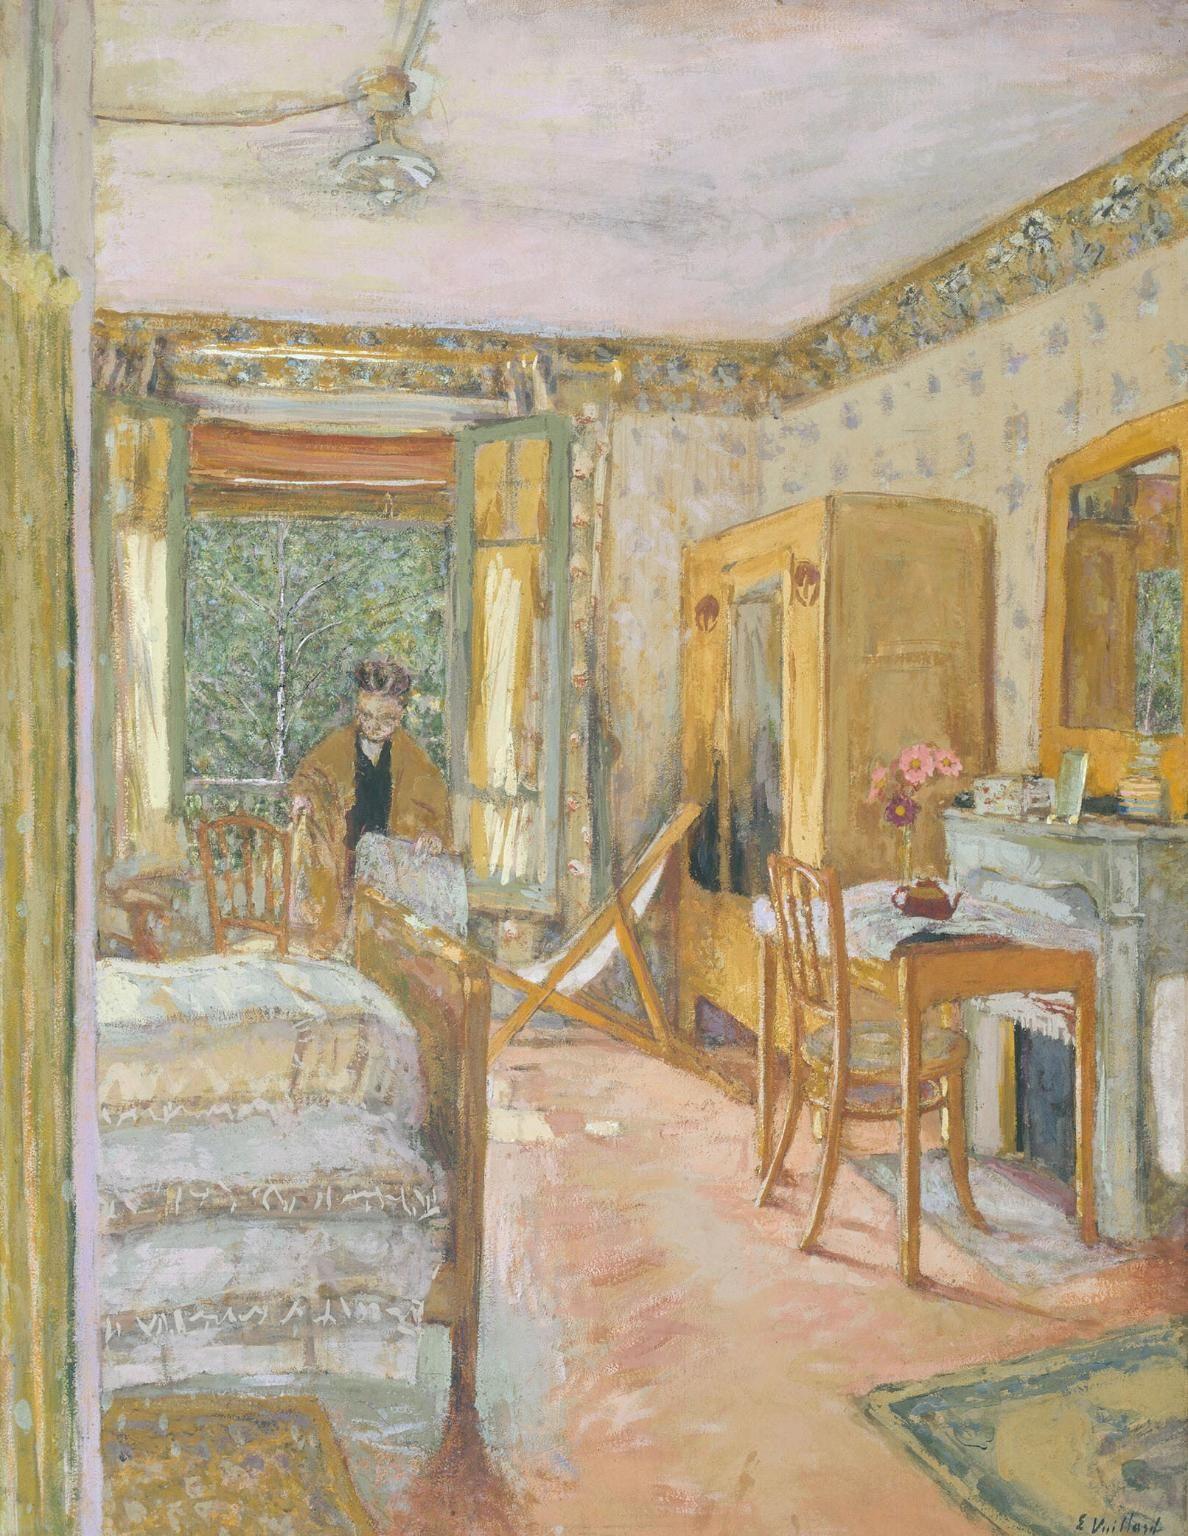 Édouard Vuillard - Sunlit Interior, ca. 1920